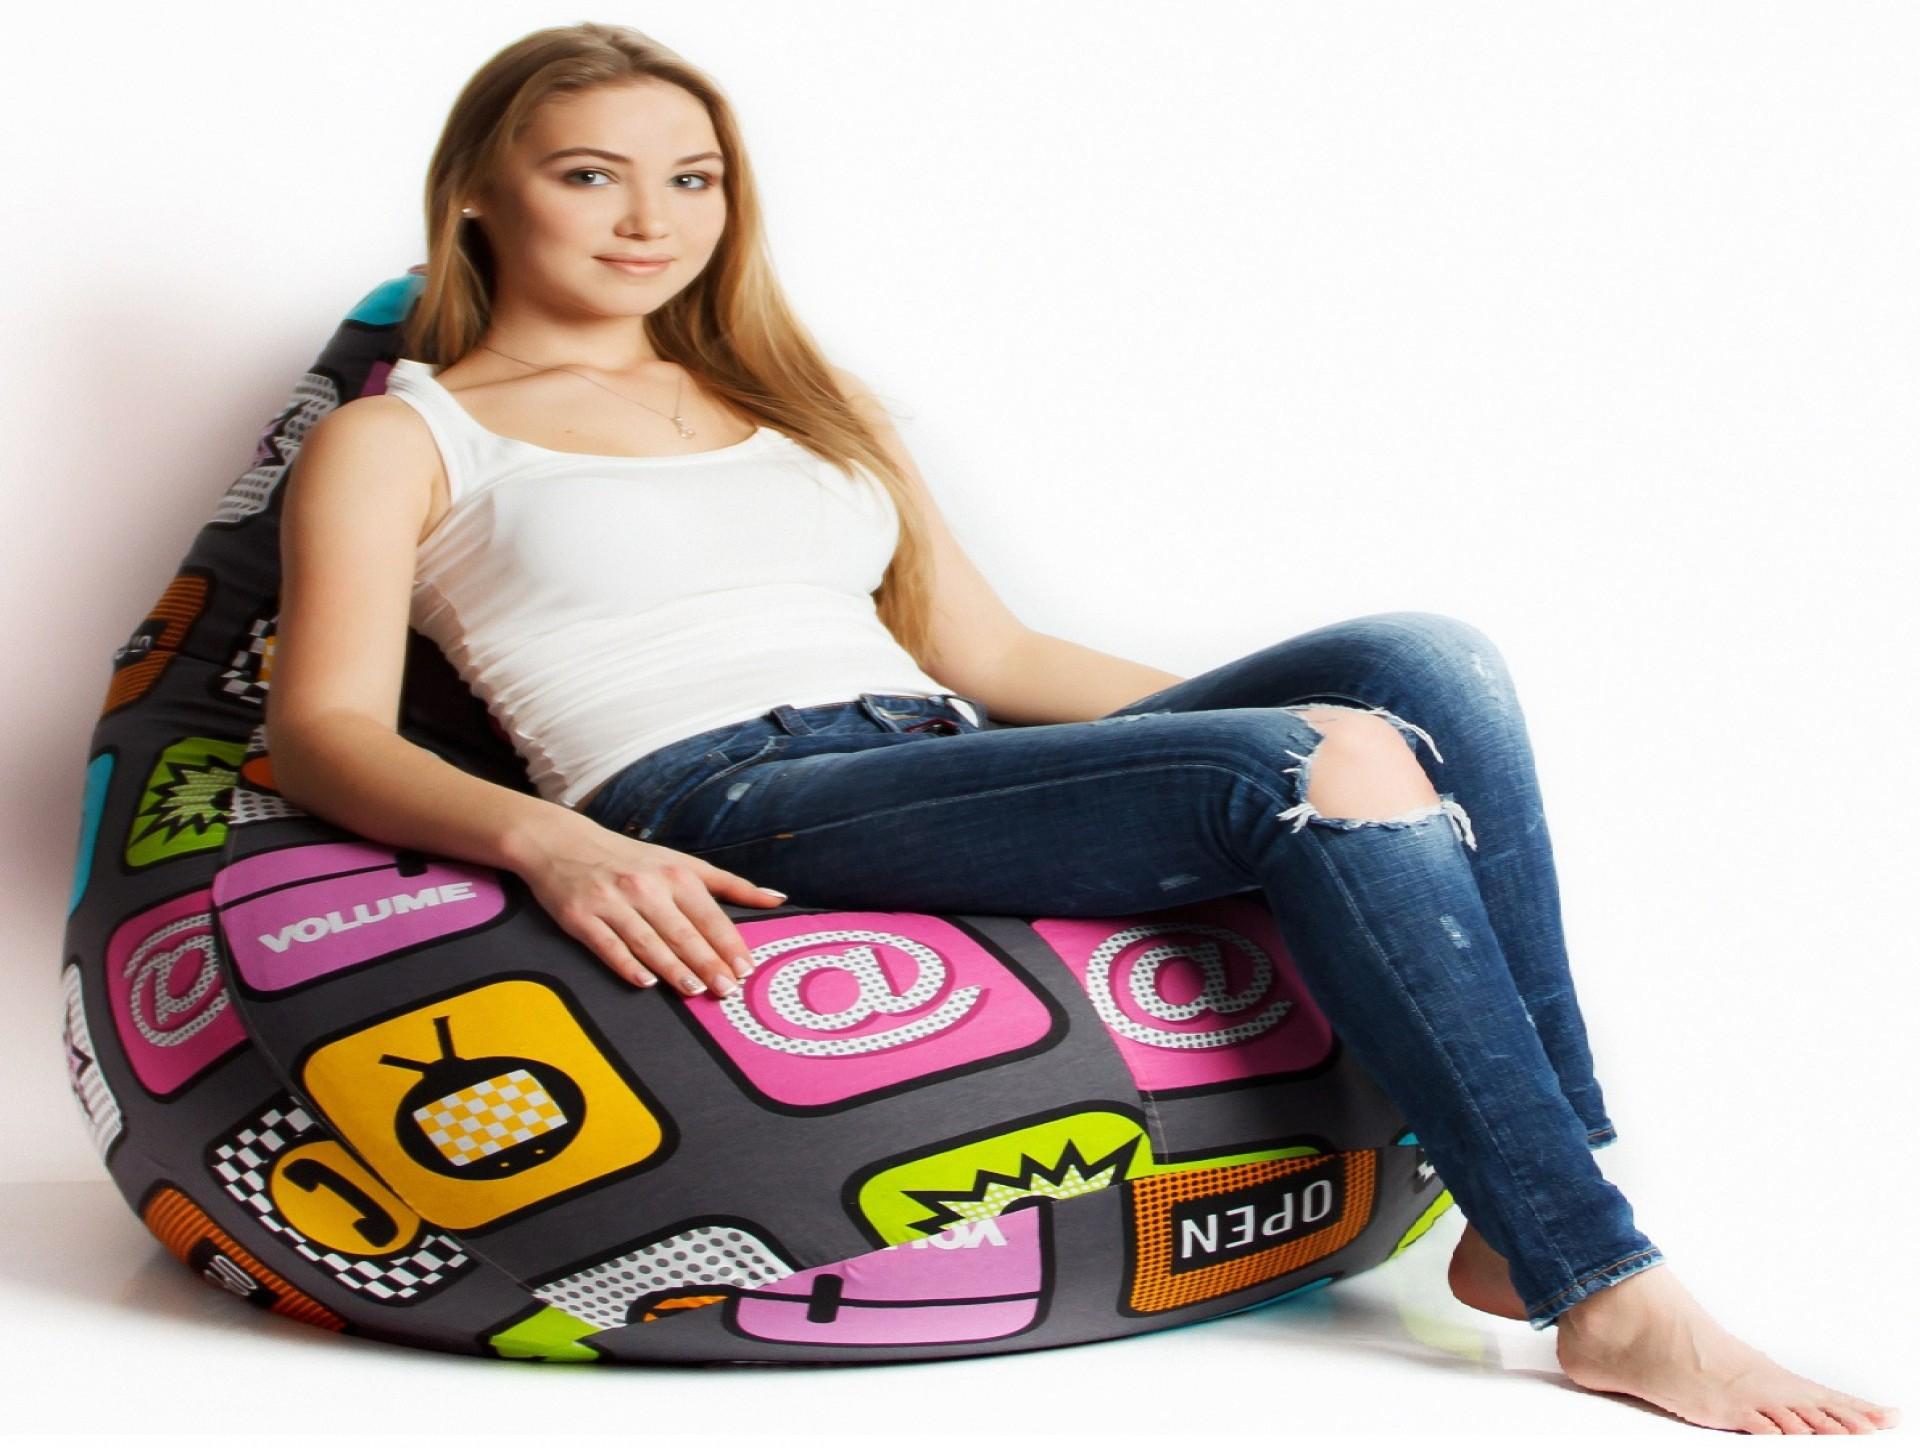 Кресло-мешок Плэй приобрести в Томске